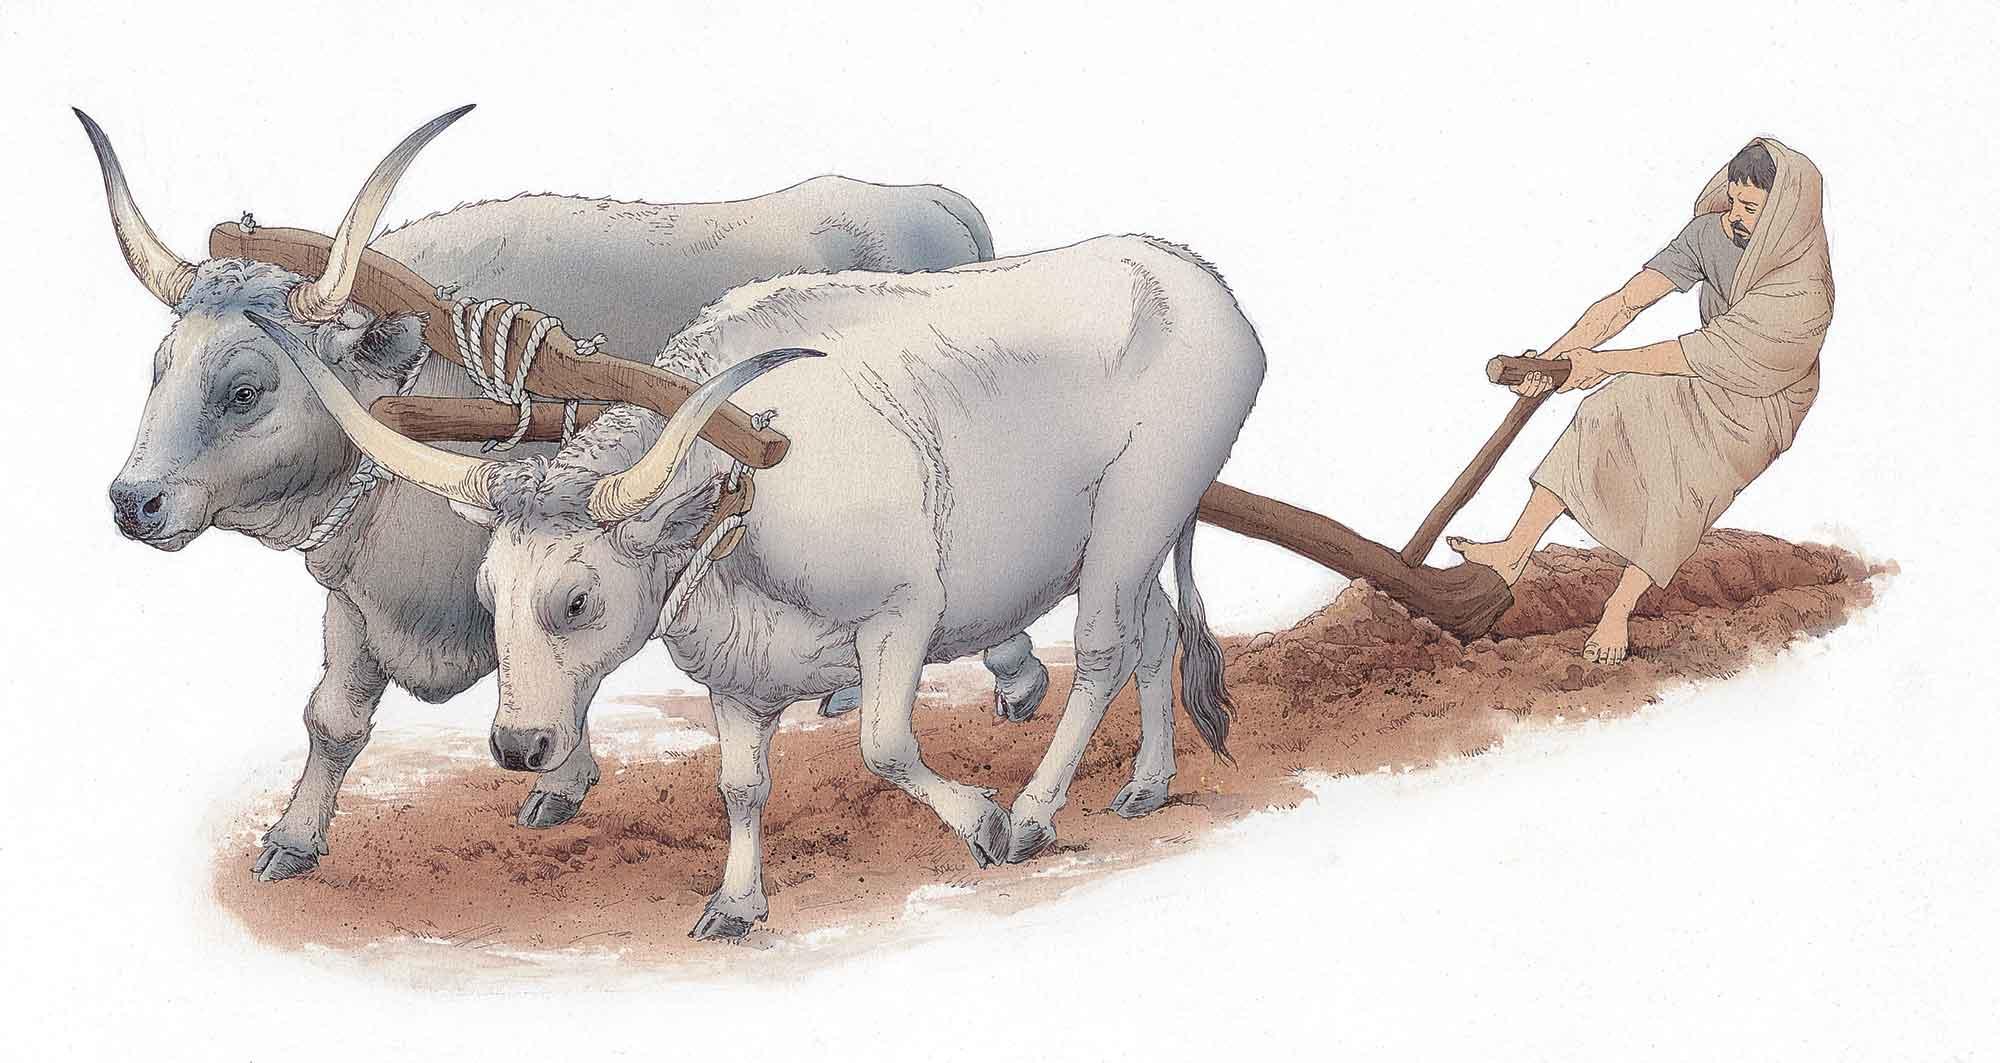 Romolo-traccia-il-solco-primigenio-con-toro-e-vacca-inklink-musei-simone-boni